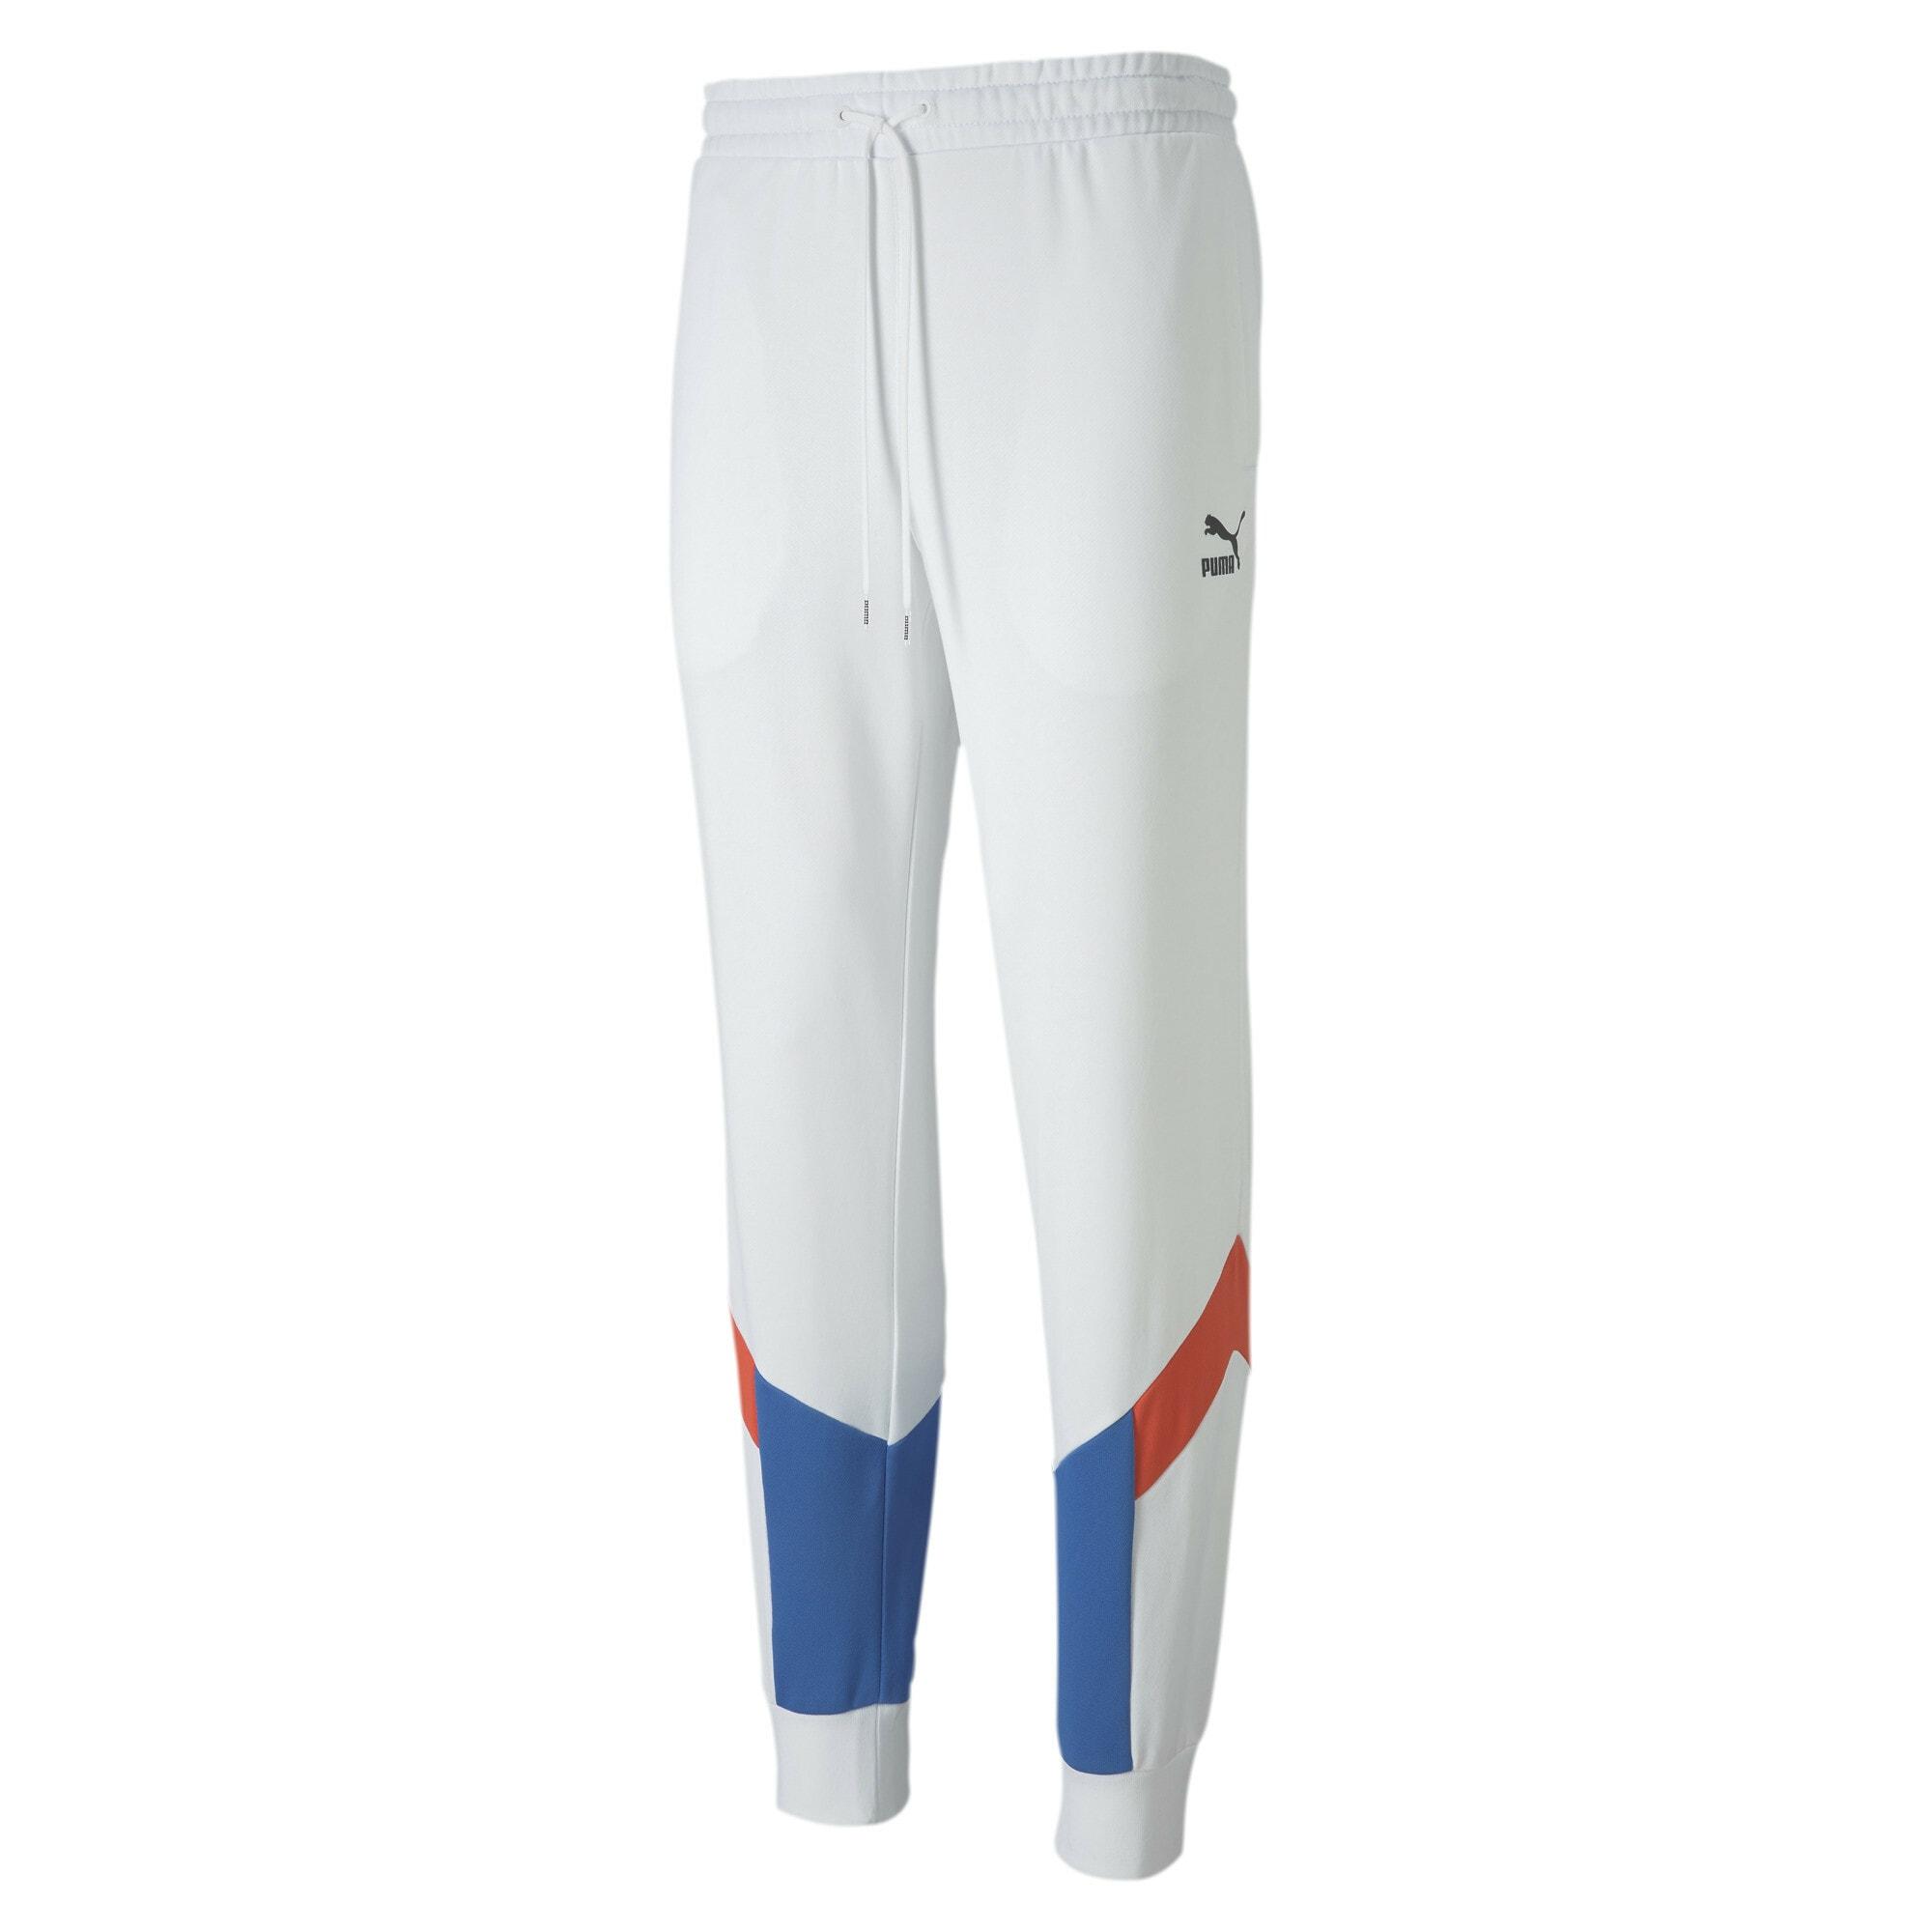 PUMA Sportinės kelnės mėlyna / balta / raudona